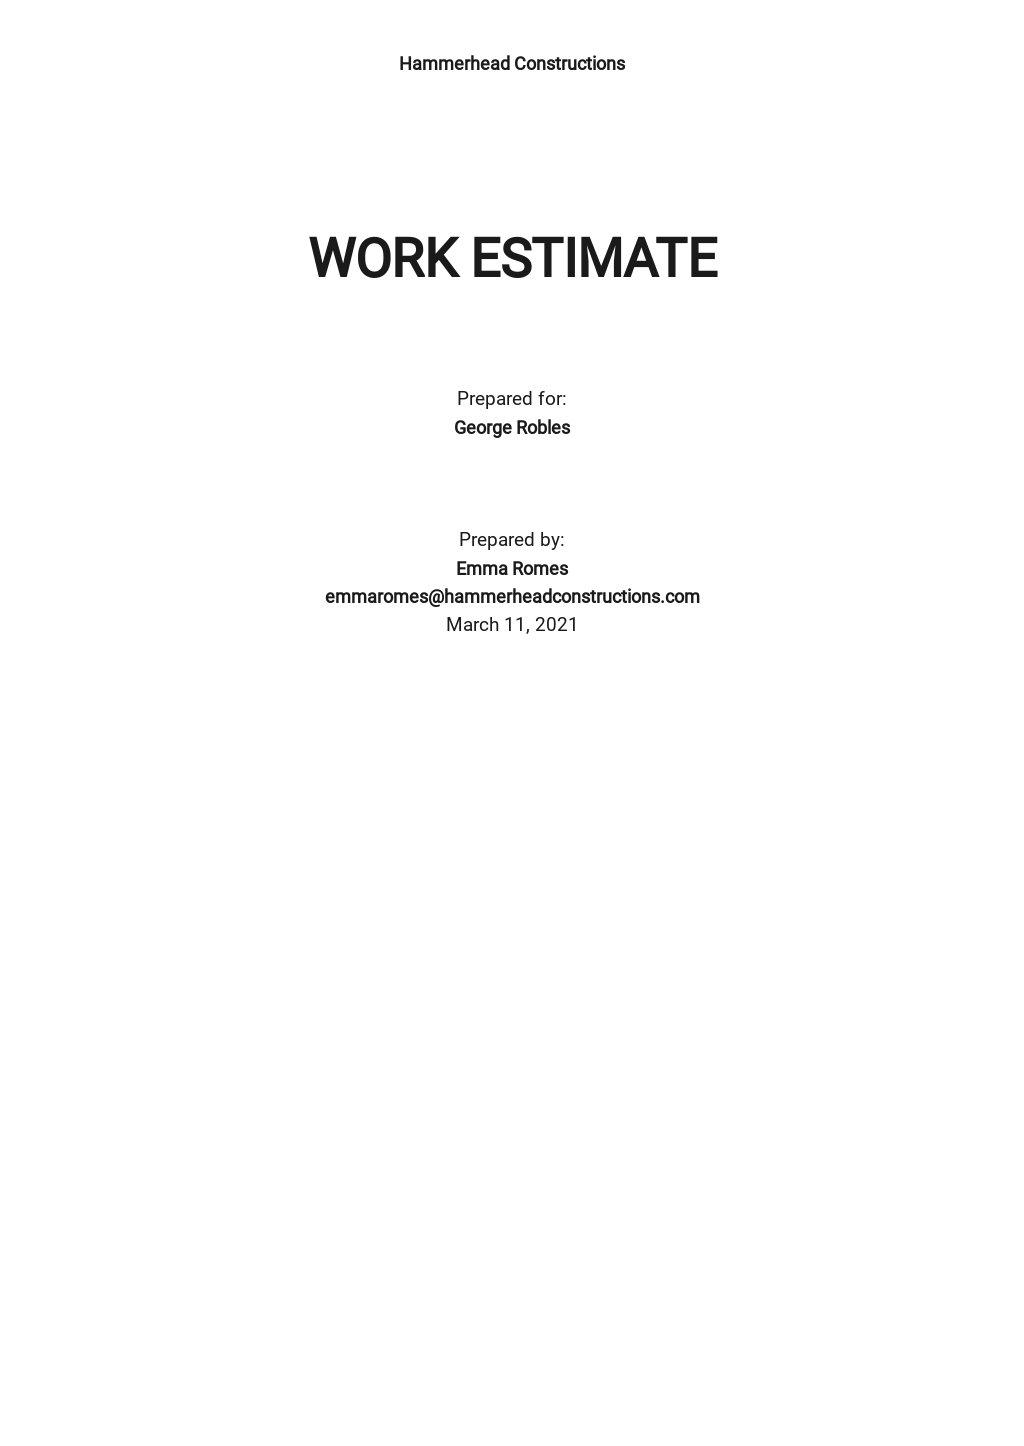 Simple Work Estimate Template.jpe